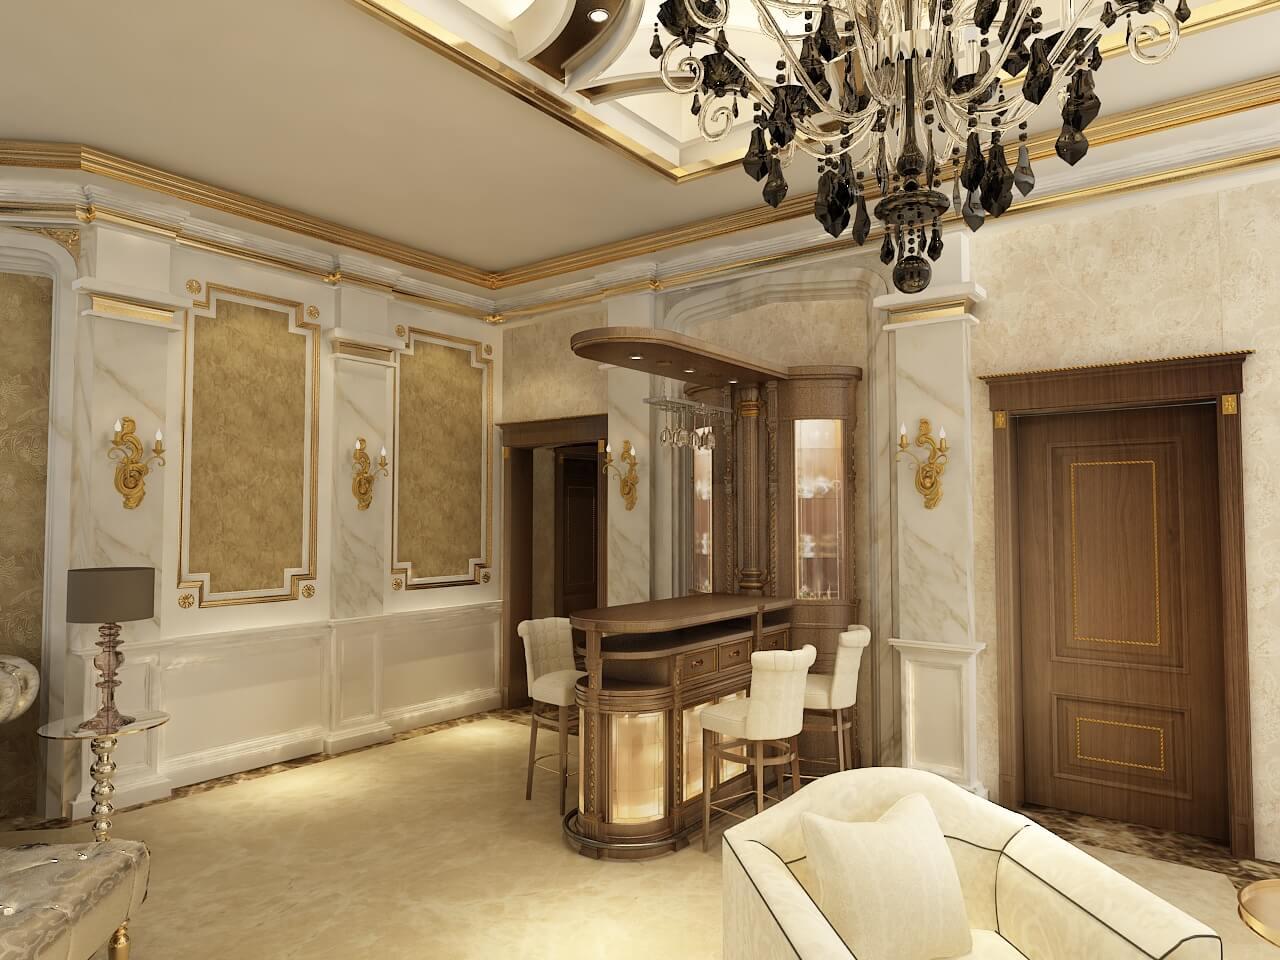 Private Villa, Emirates Hills - 28